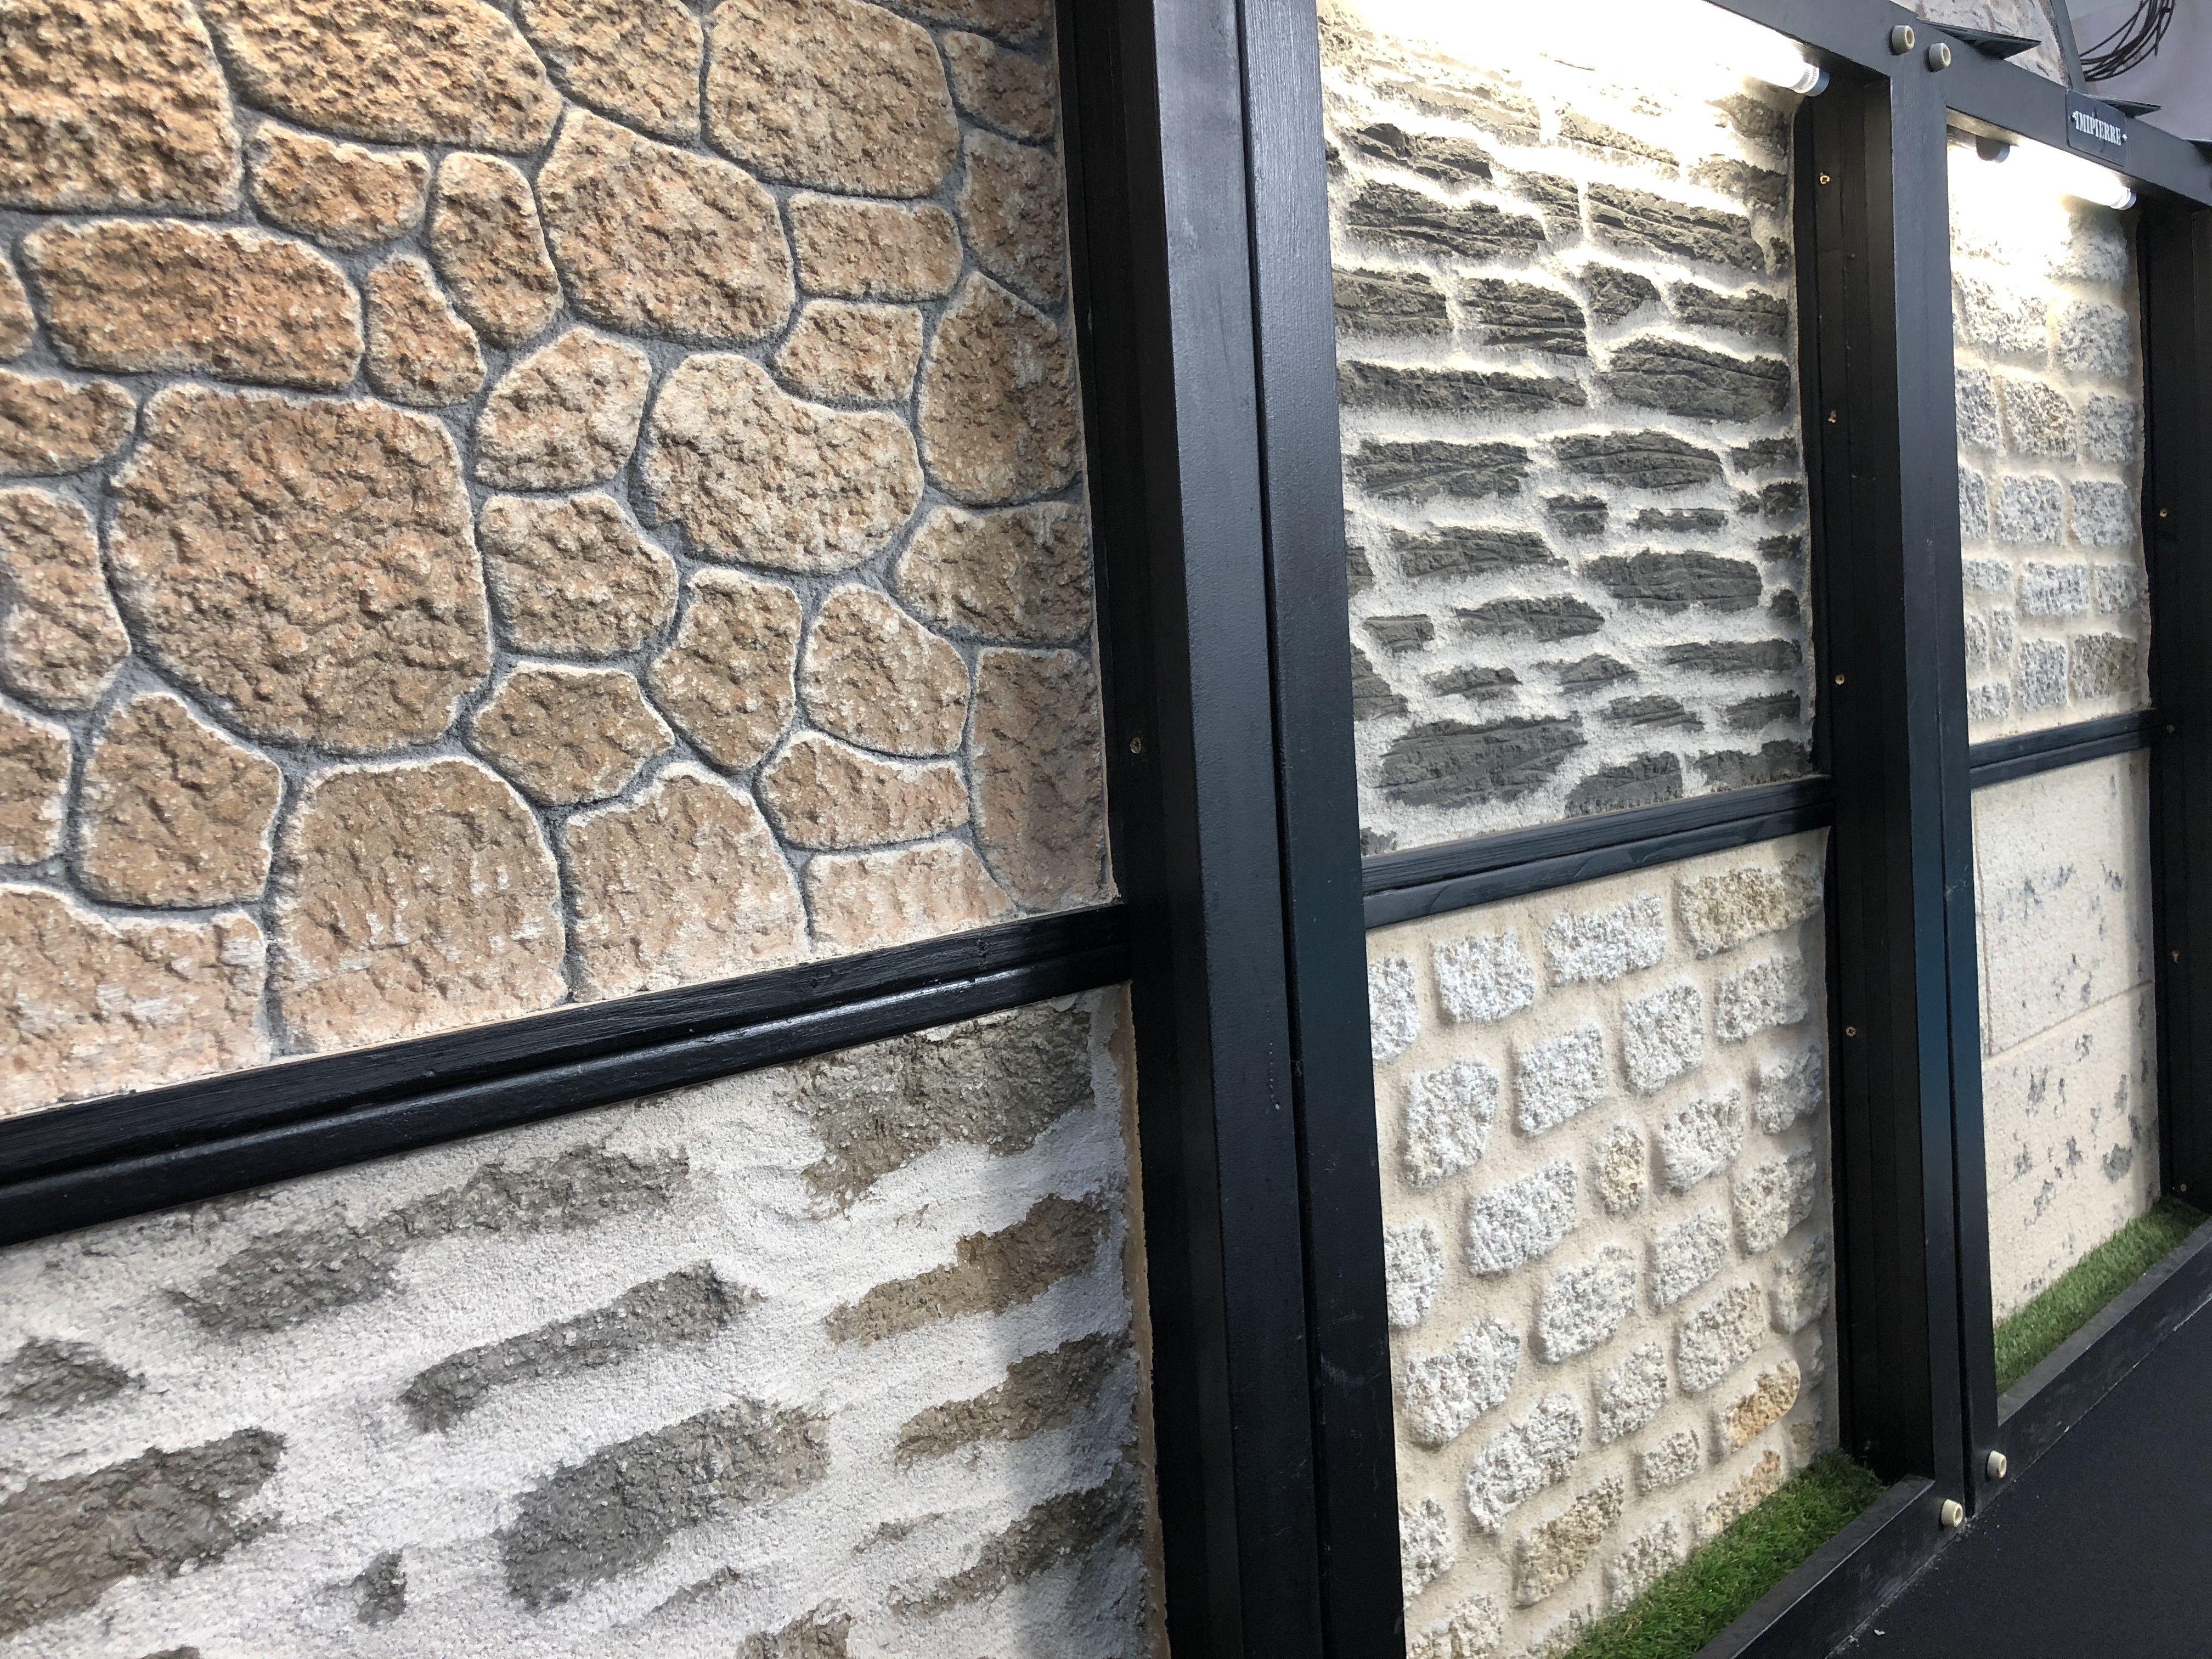 Quelques Exemples D Enduit Faconpierre De La Societe Imipierre Qui Intervient Pour Vous Sur Le Grand Oues Peinture Facade Maison Facade Maison Architecture